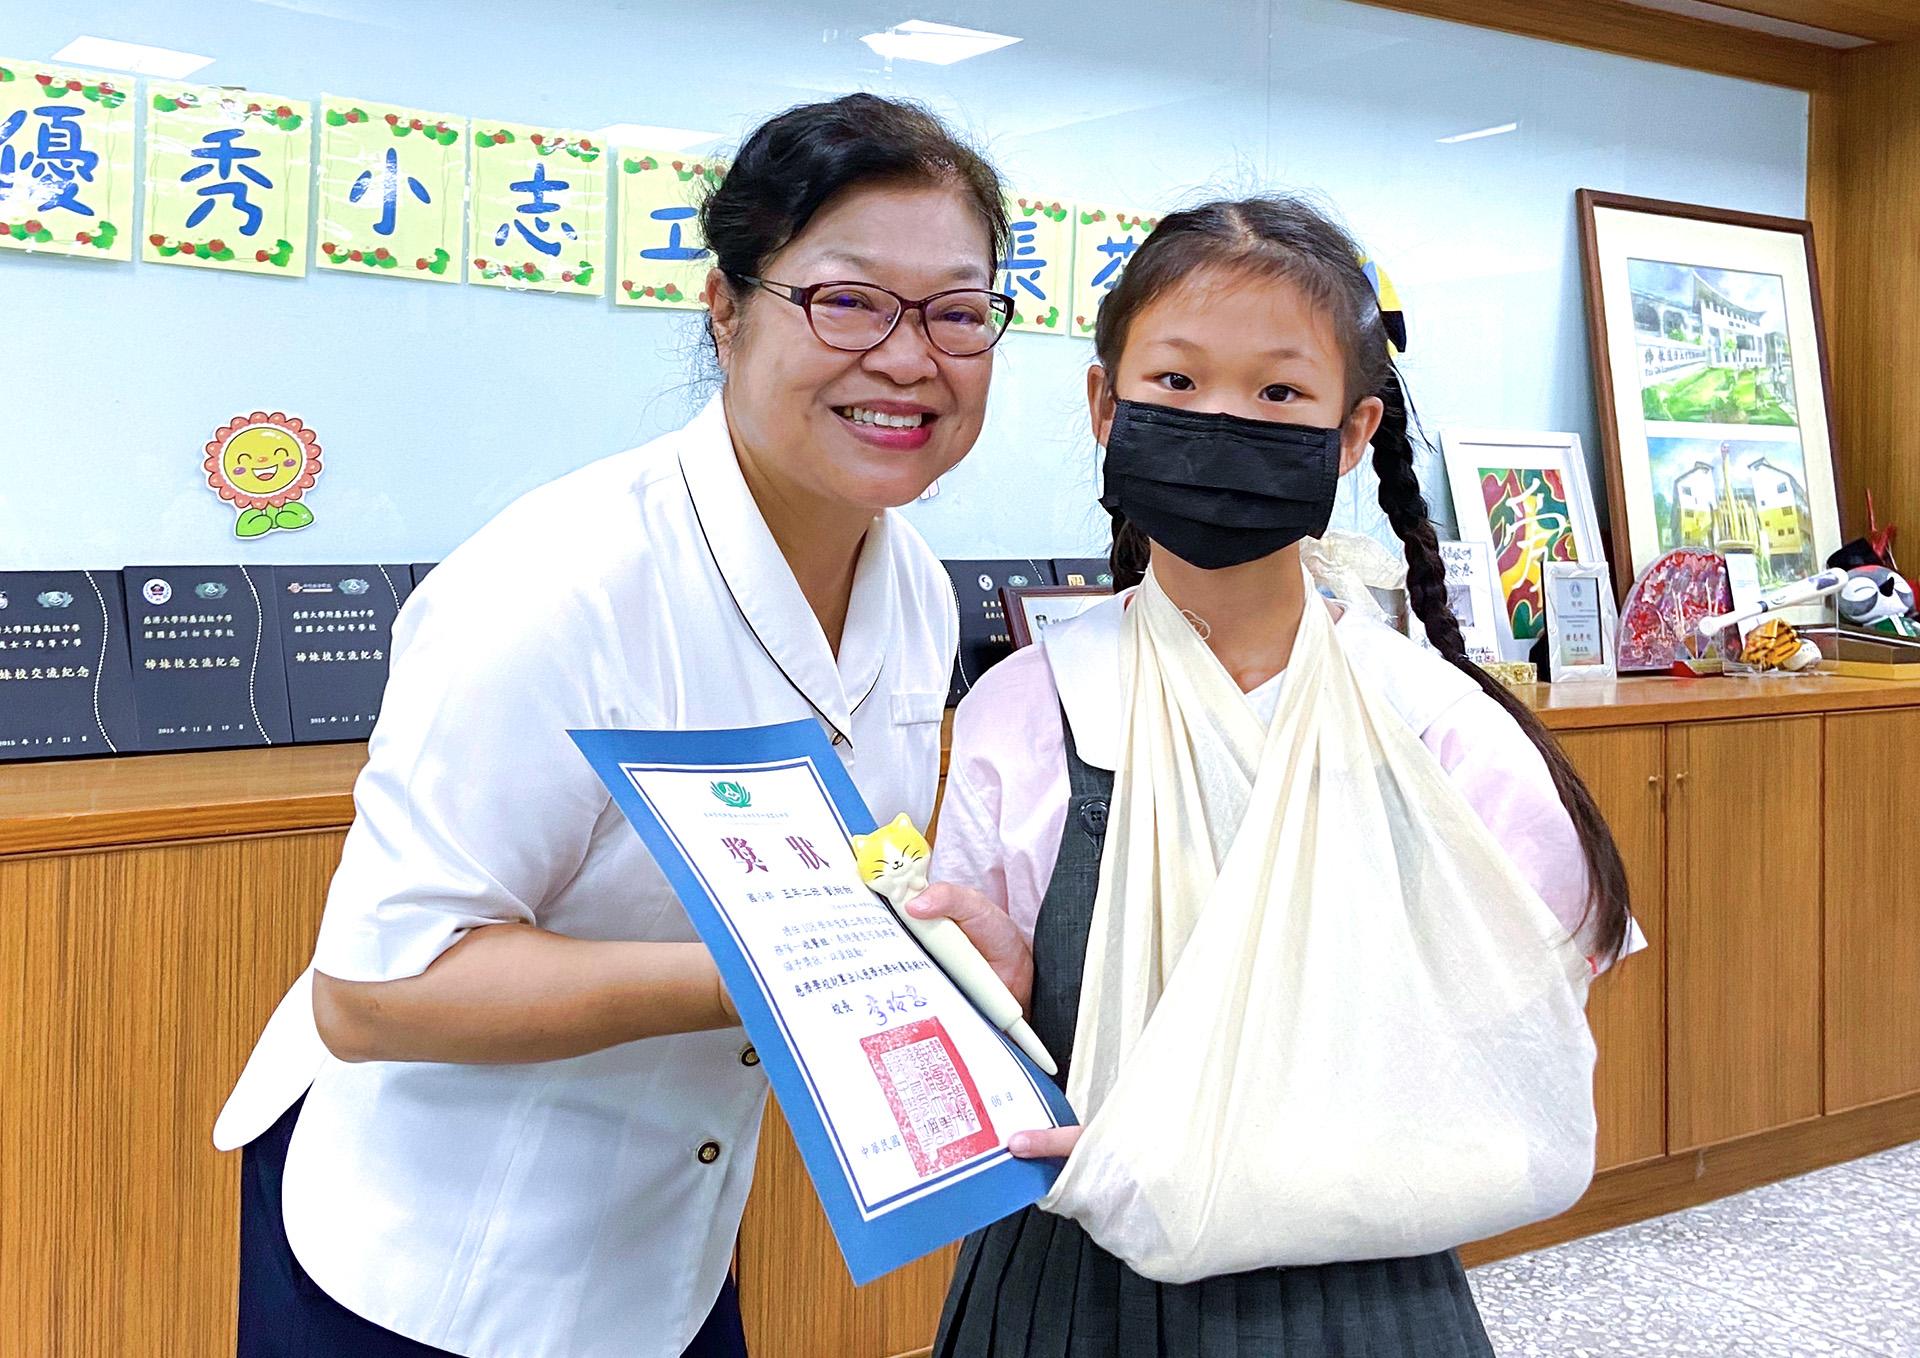 劉甜甜因收餐時不小心弄傷手,即使受傷仍願意繼續服務,她說:「服務過程是快樂,能學習包容與感恩,只要我能力所及,我要繼續幫助別人。」